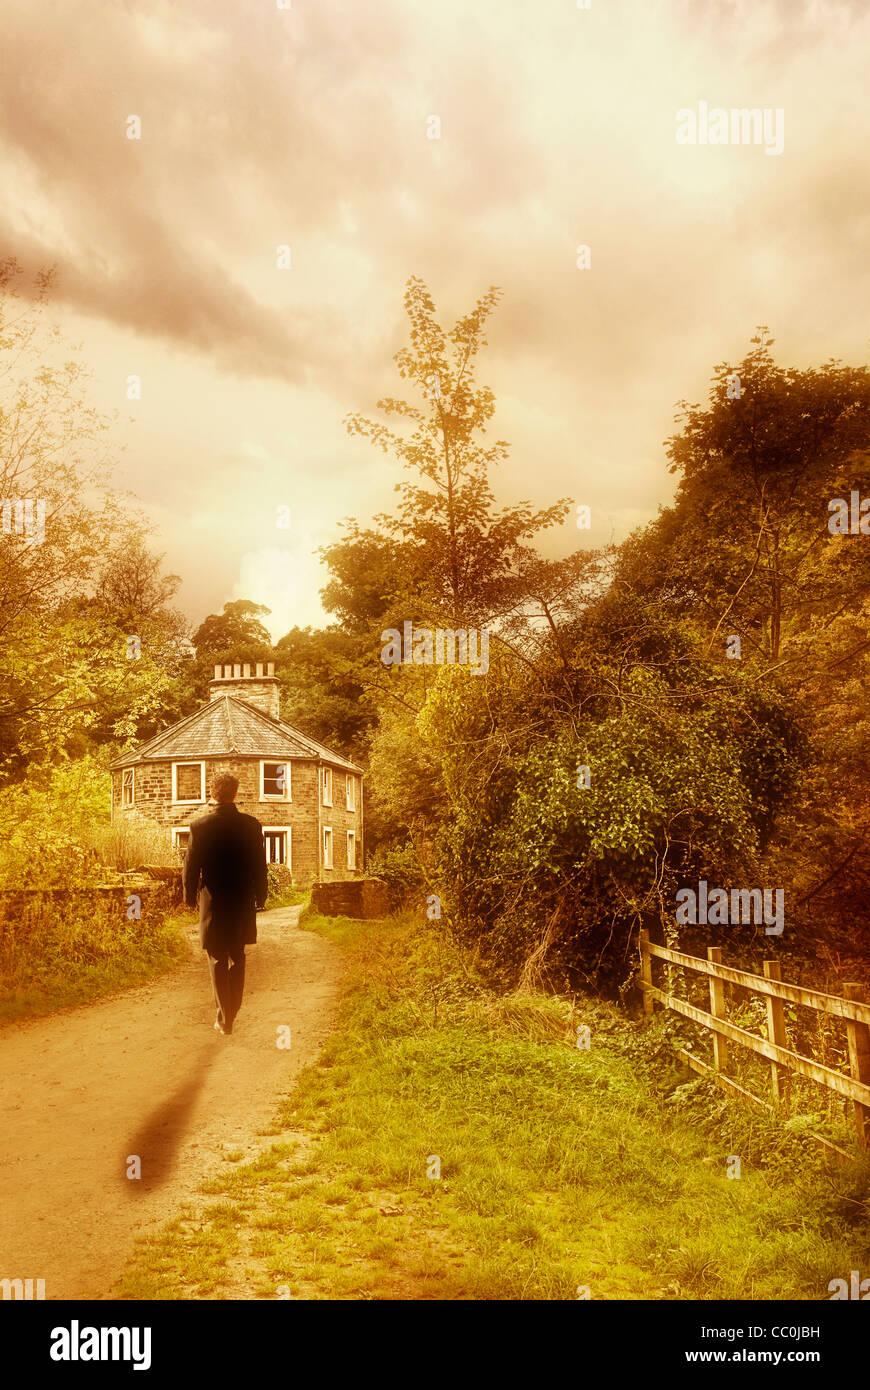 Hombre caminando hacia casa en el campo Imagen De Stock